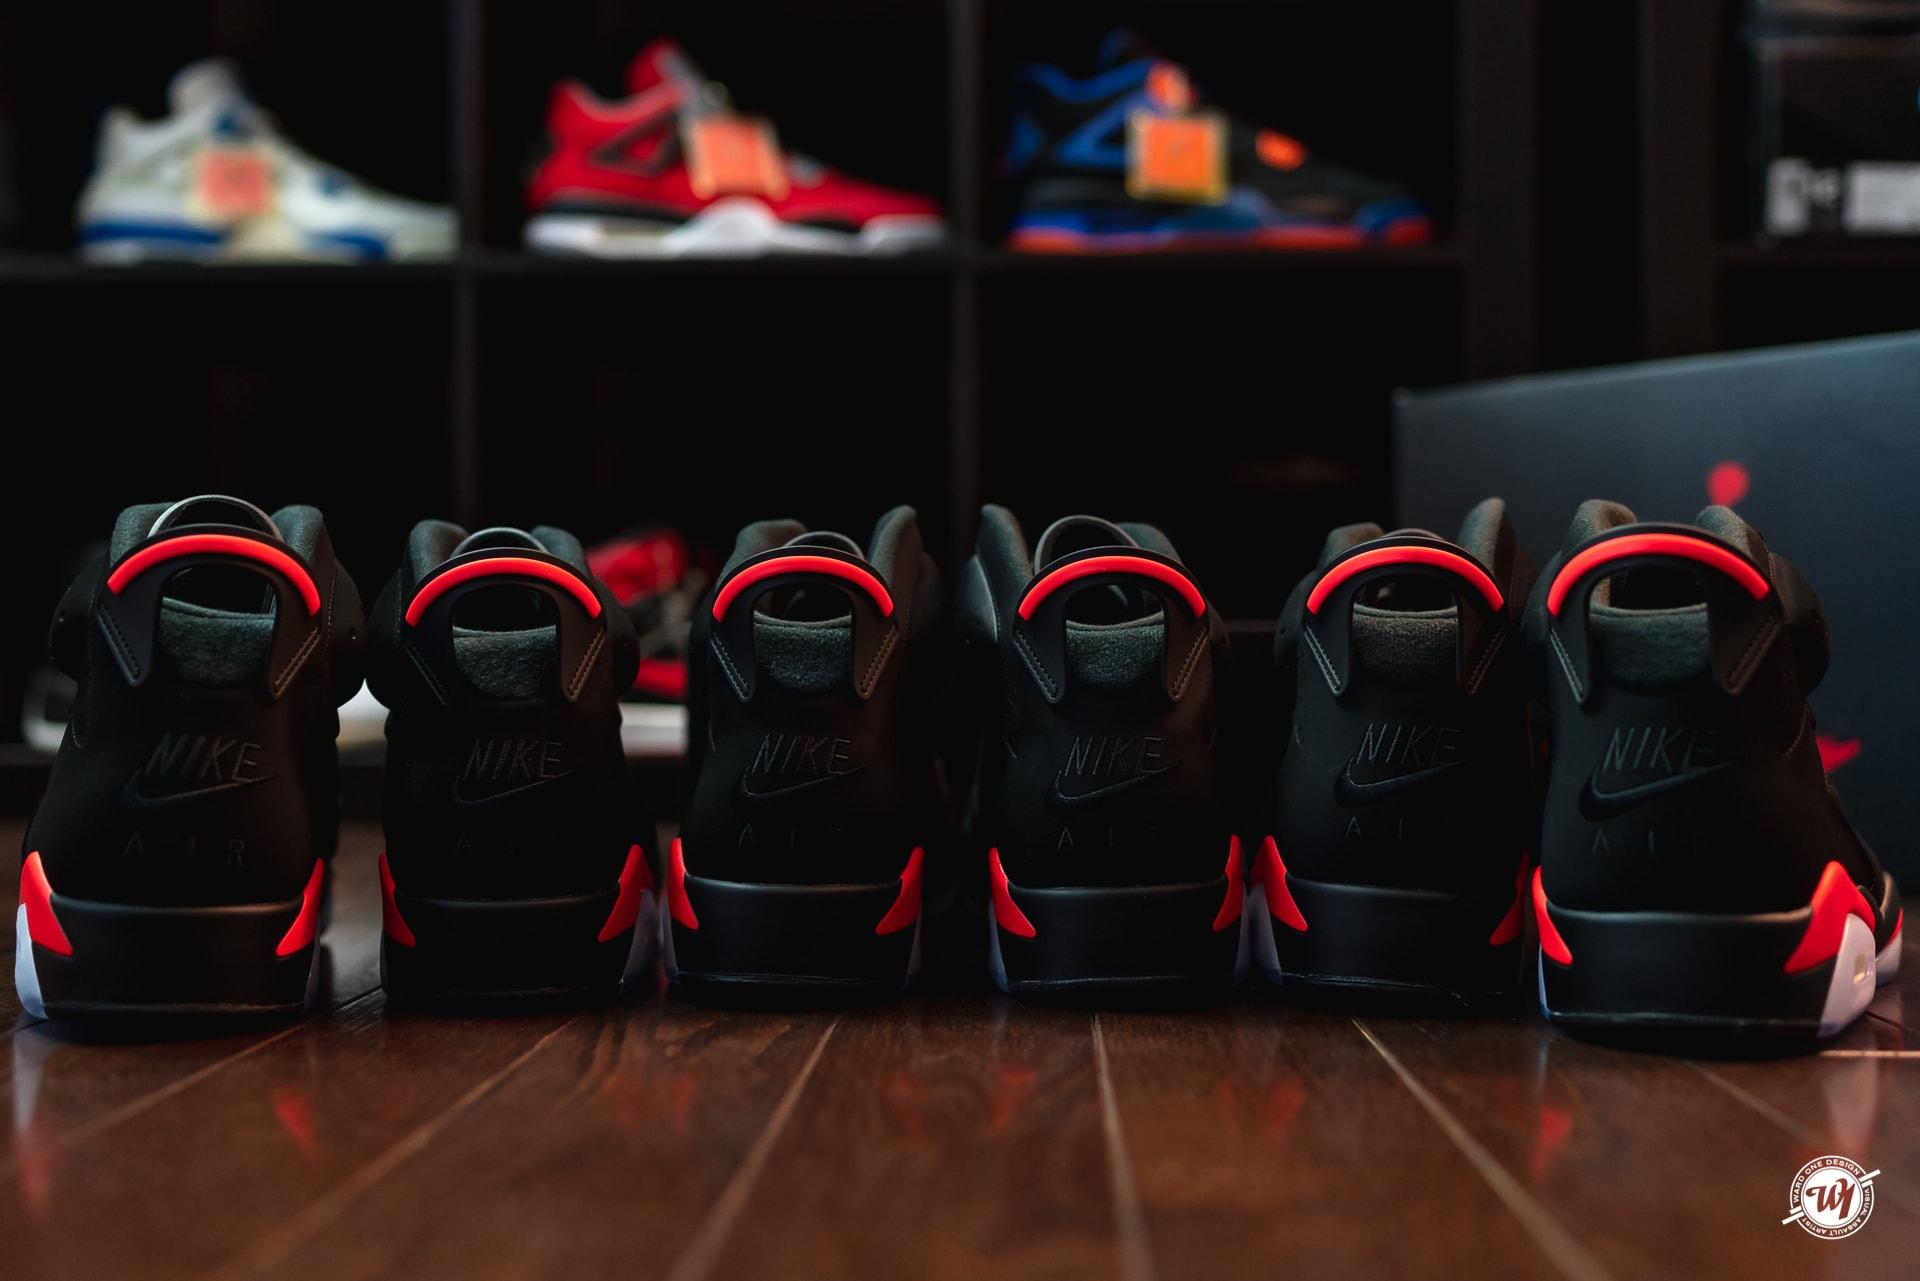 Air Jordan VI Infrared 2019